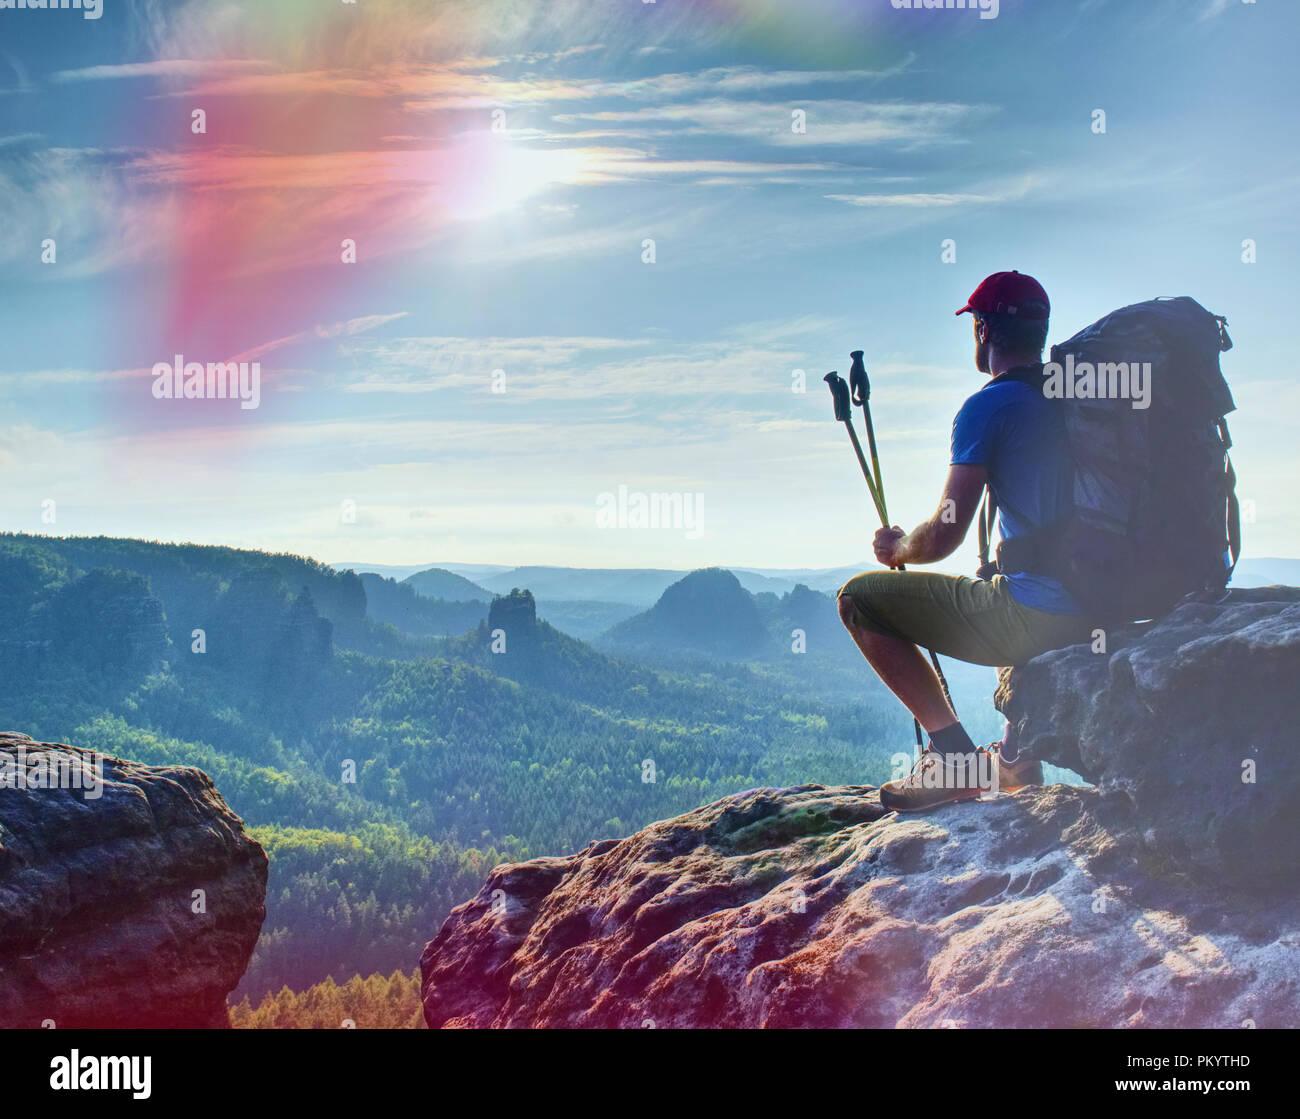 Homme assis sur le rocher en montagne et regarder le lever du soleil sur le paysage. Composition de la nature. Photo Stock